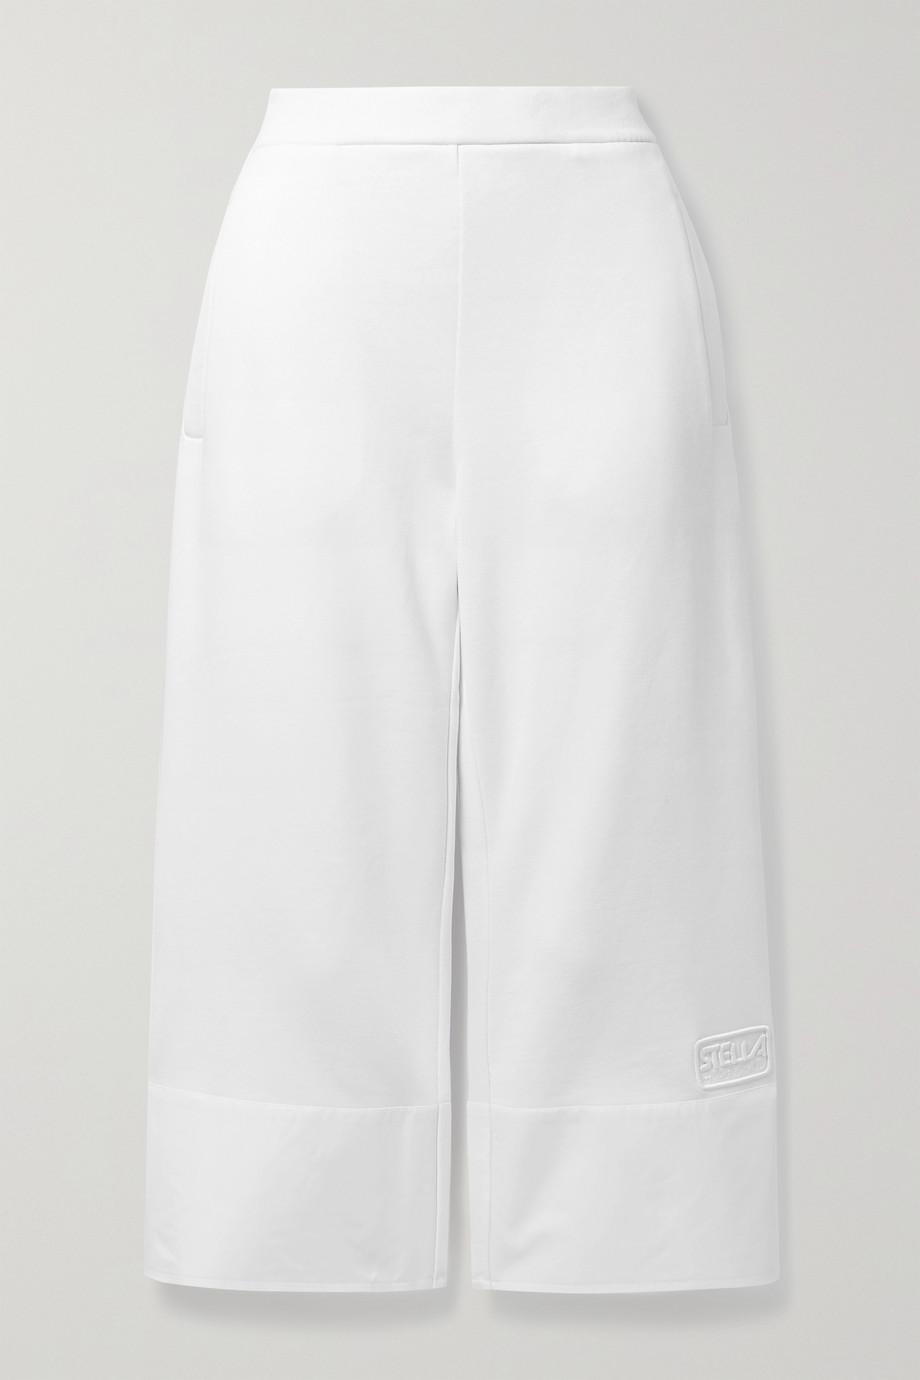 Stella McCartney Pantalon de survêtement raccourci en popeline et jersey de coton biologique - NET SUSTAIN